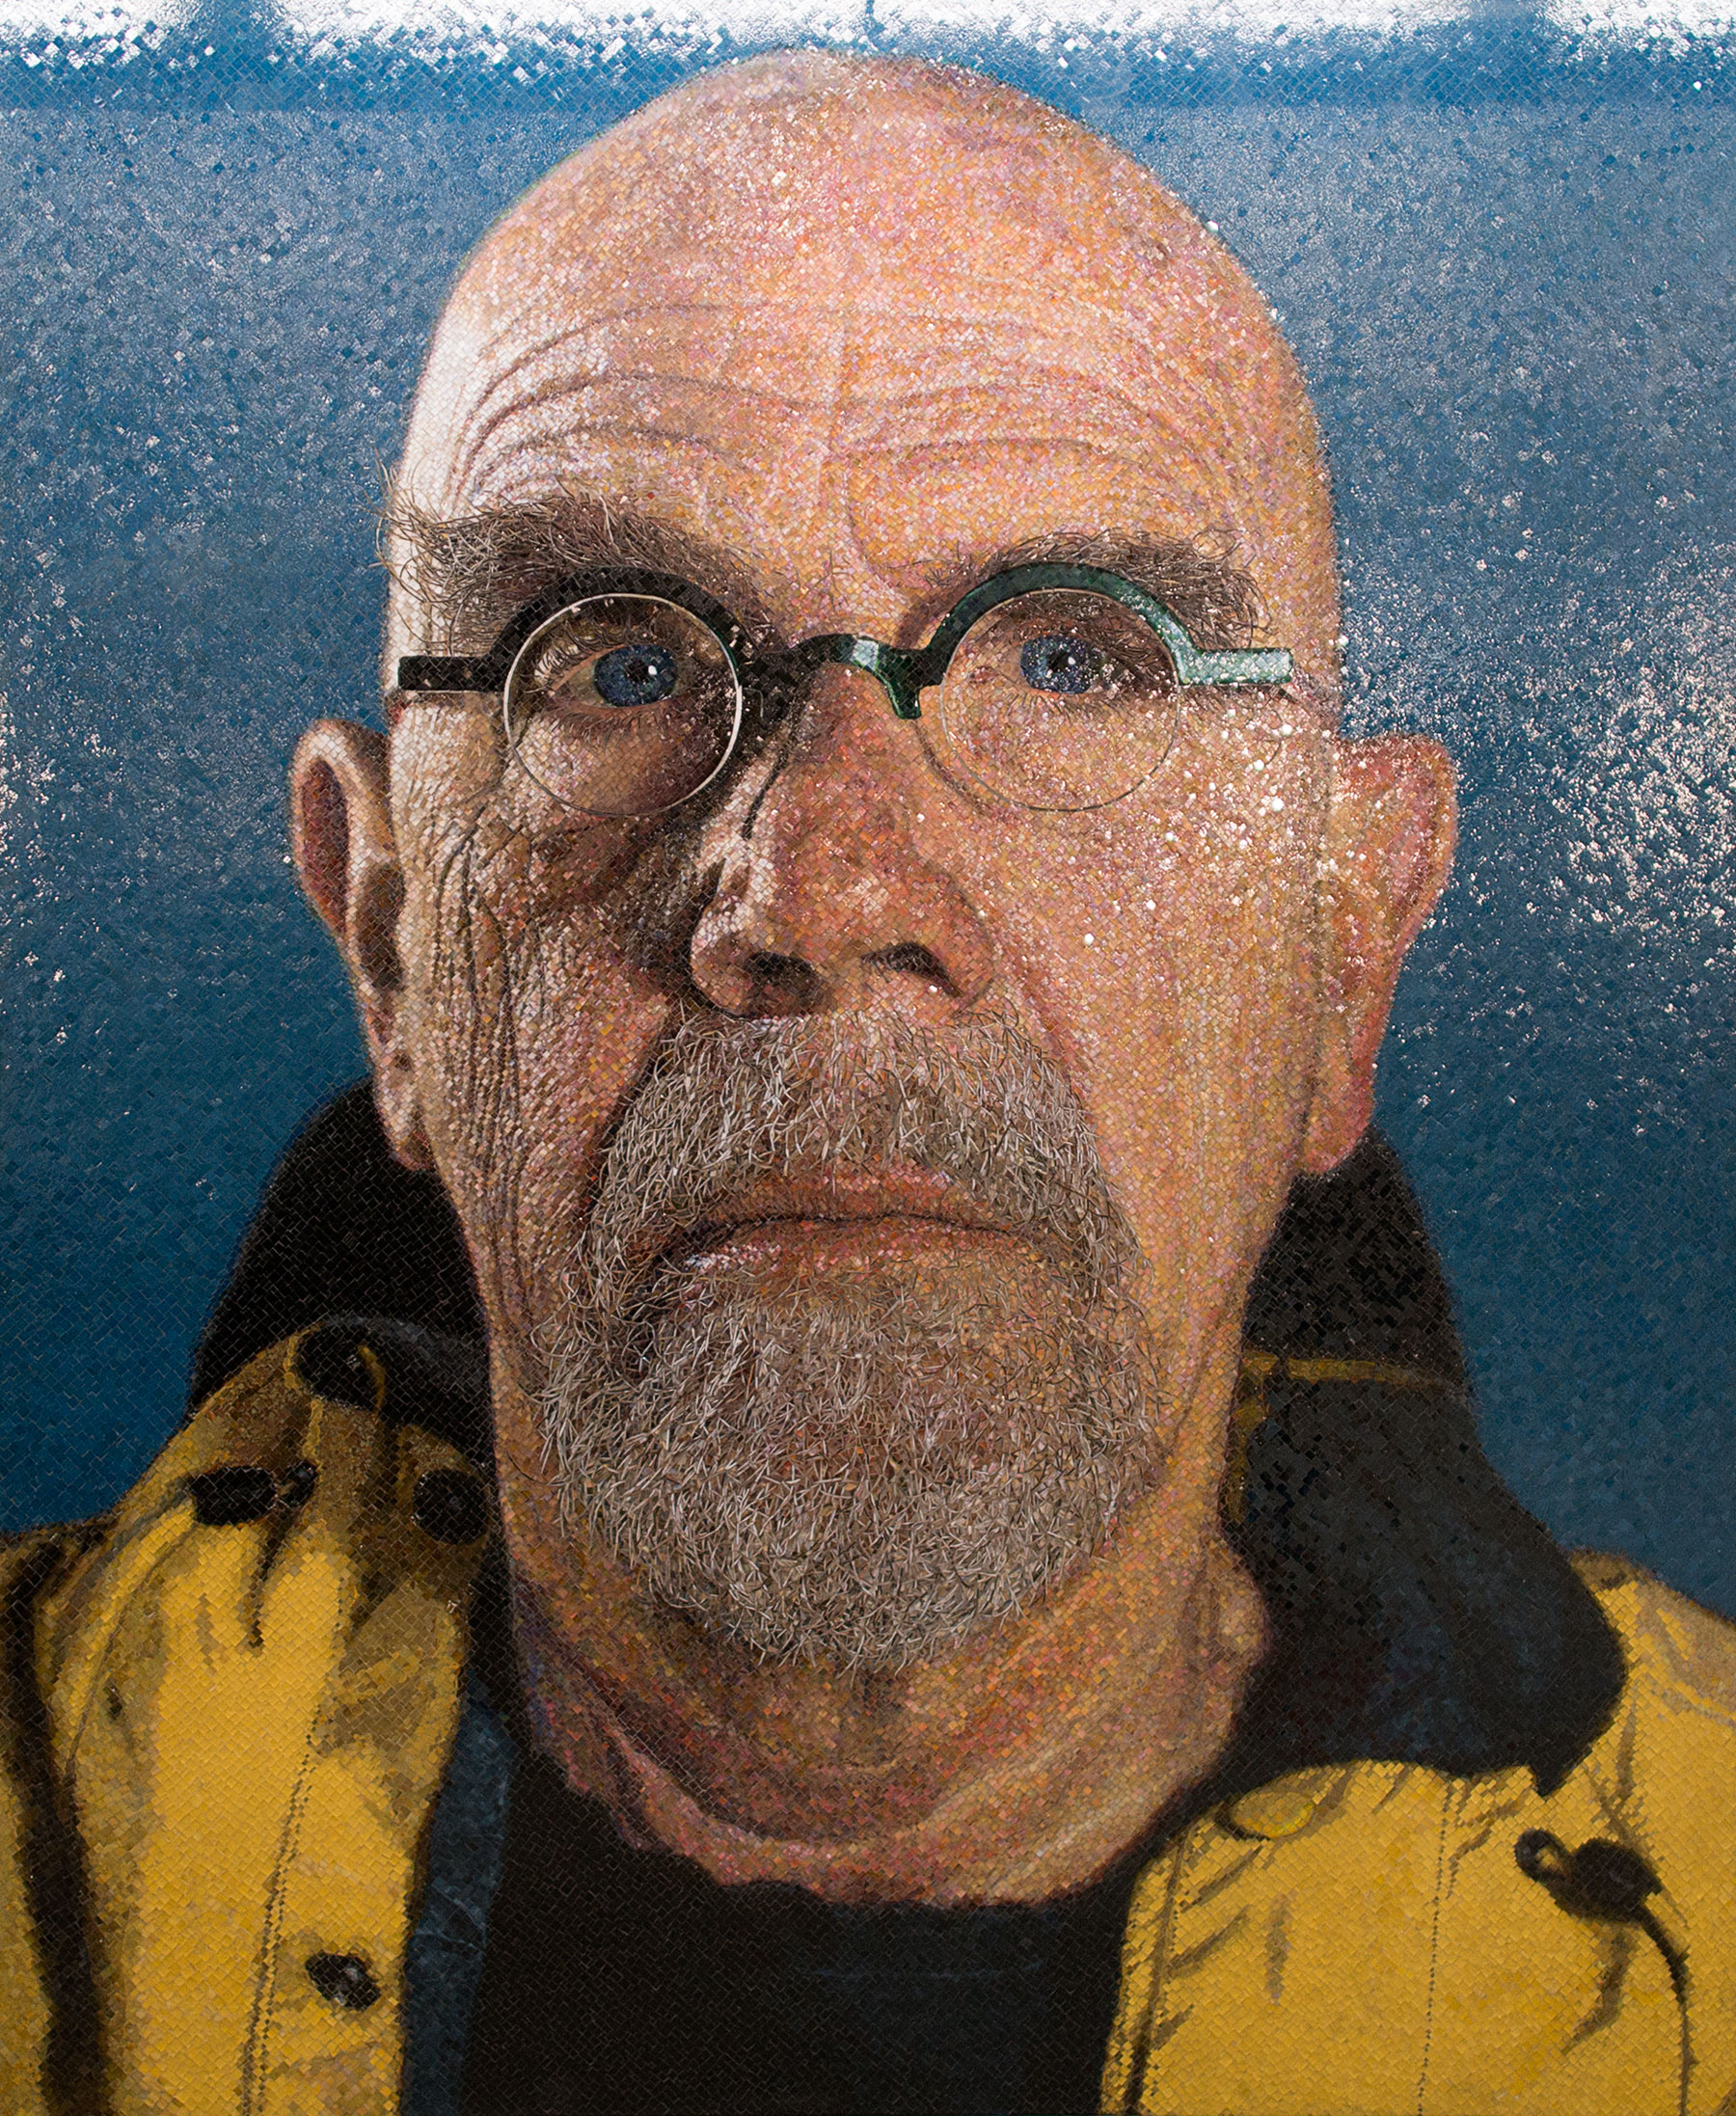 Chuck Close: Self-Portraits 1967-2005 - walkerart.org